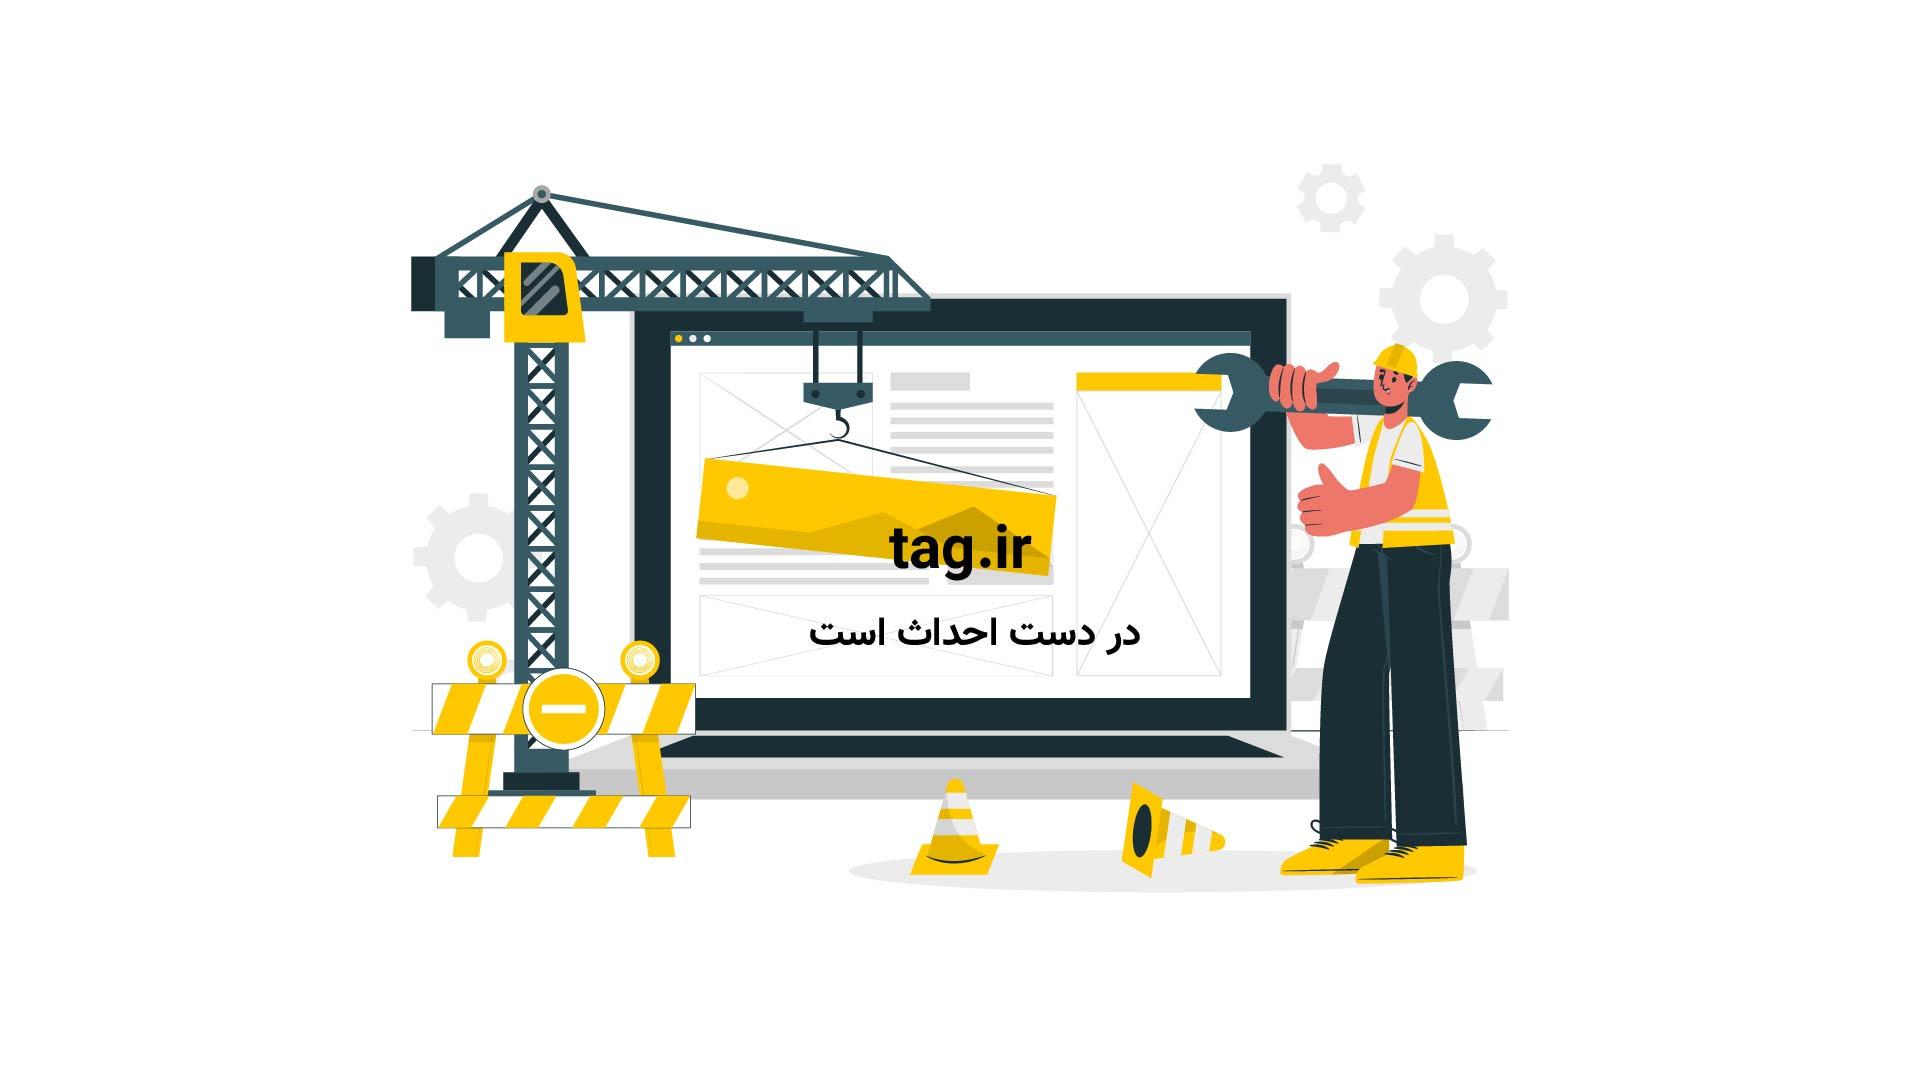 عناوین روزنامههای صبح پنجشنبه ۲۷ مهر | فیلم